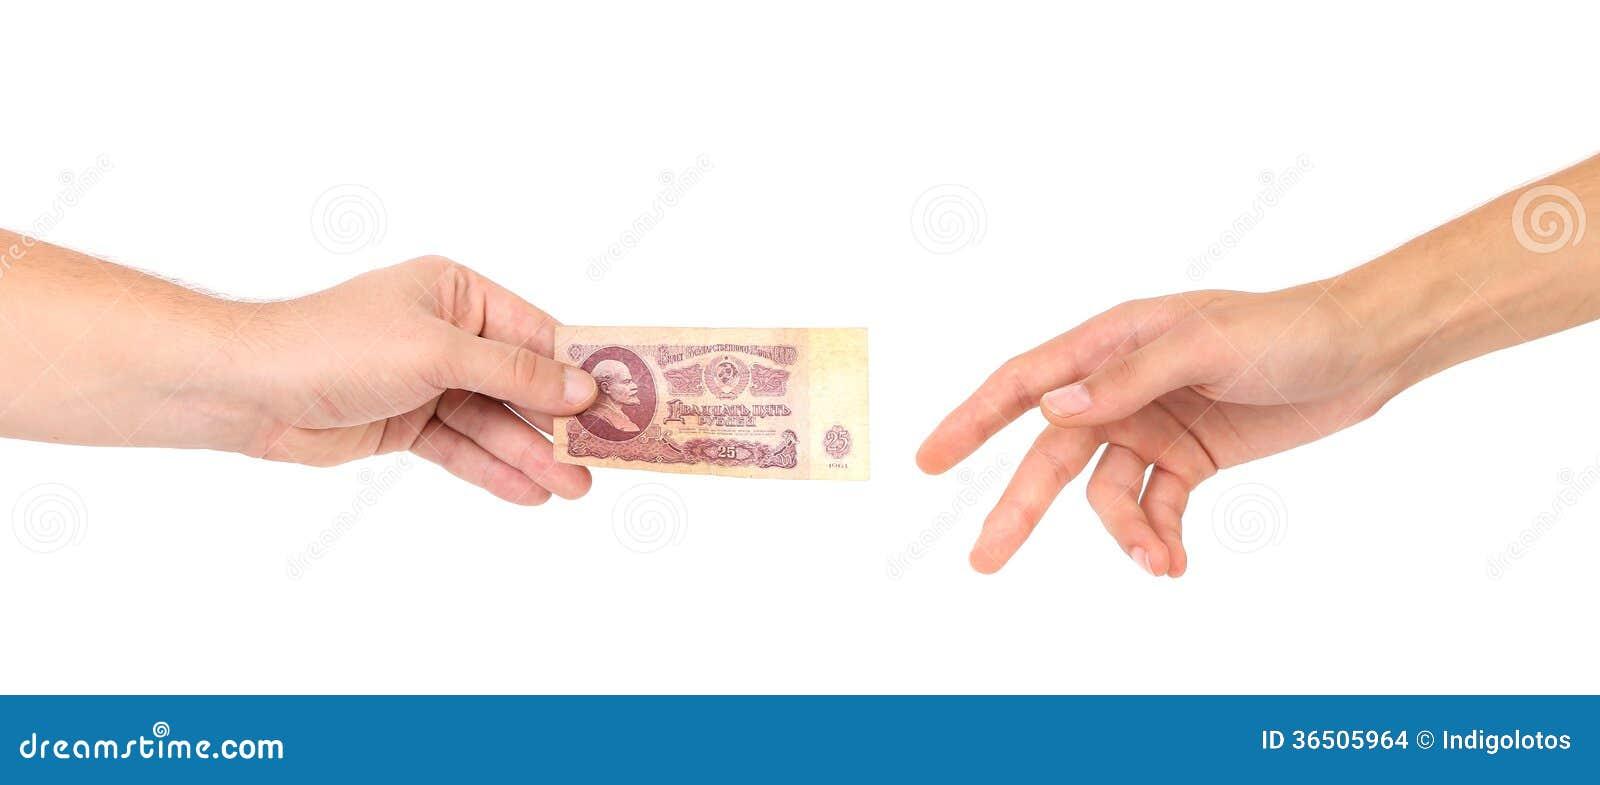 Cinqüênta rublos nas mãos.